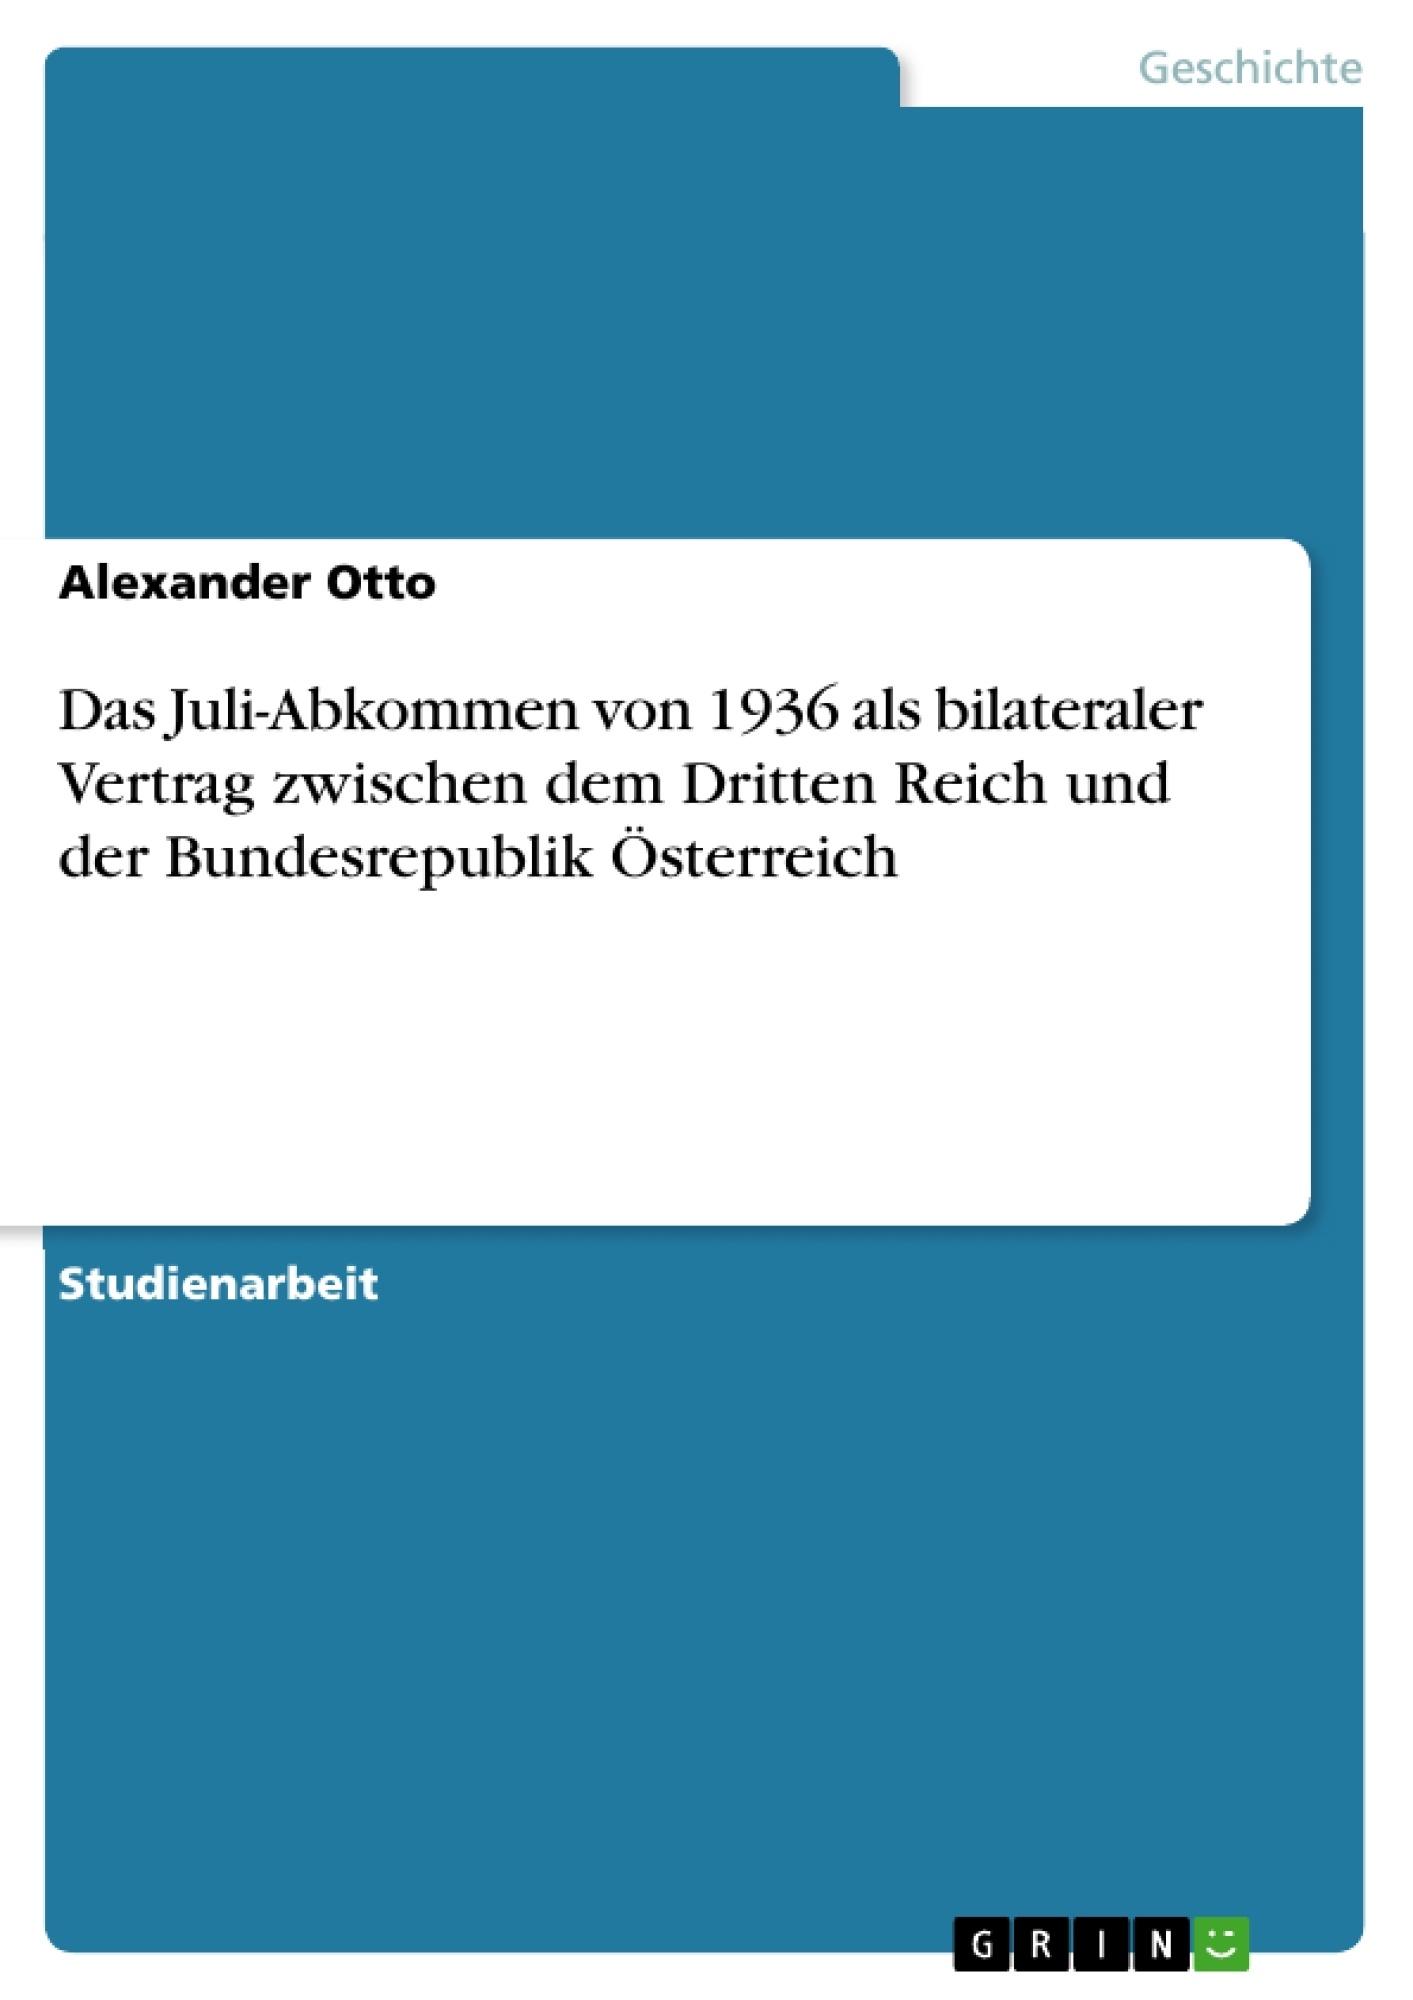 Titel: Das Juli-Abkommen von 1936 als bilateraler Vertrag zwischen dem Dritten Reich und der Bundesrepublik Österreich